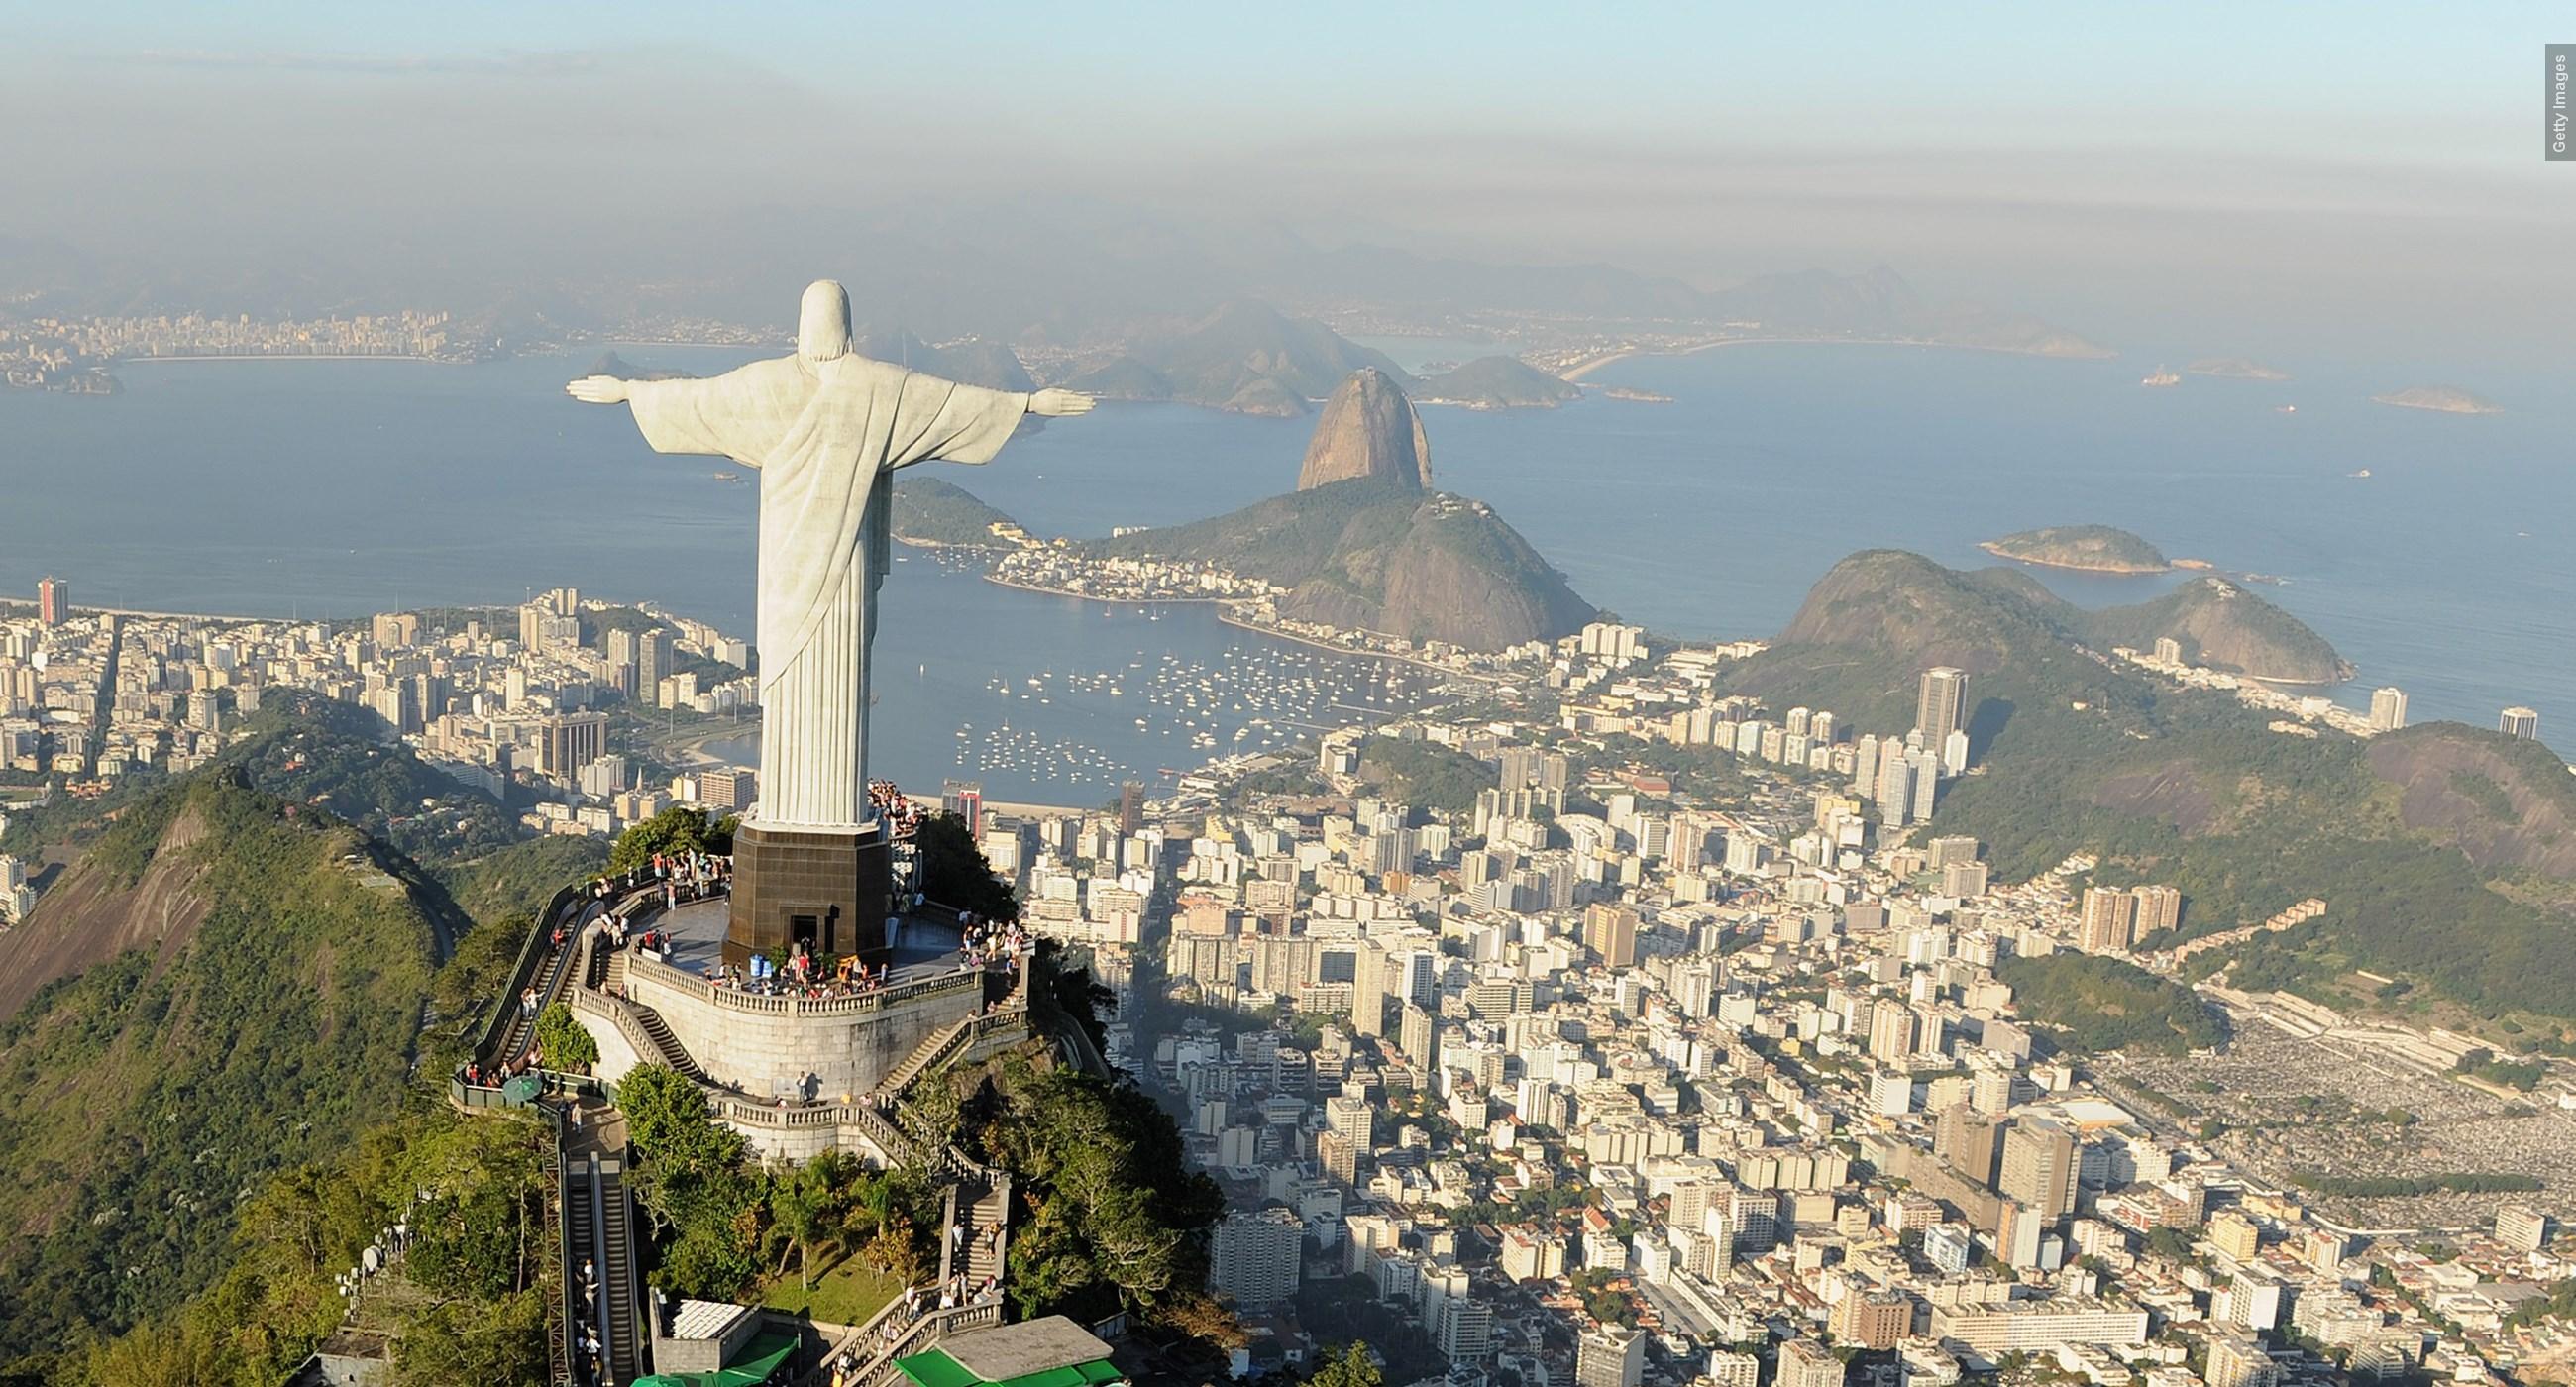 Over Rio 2016